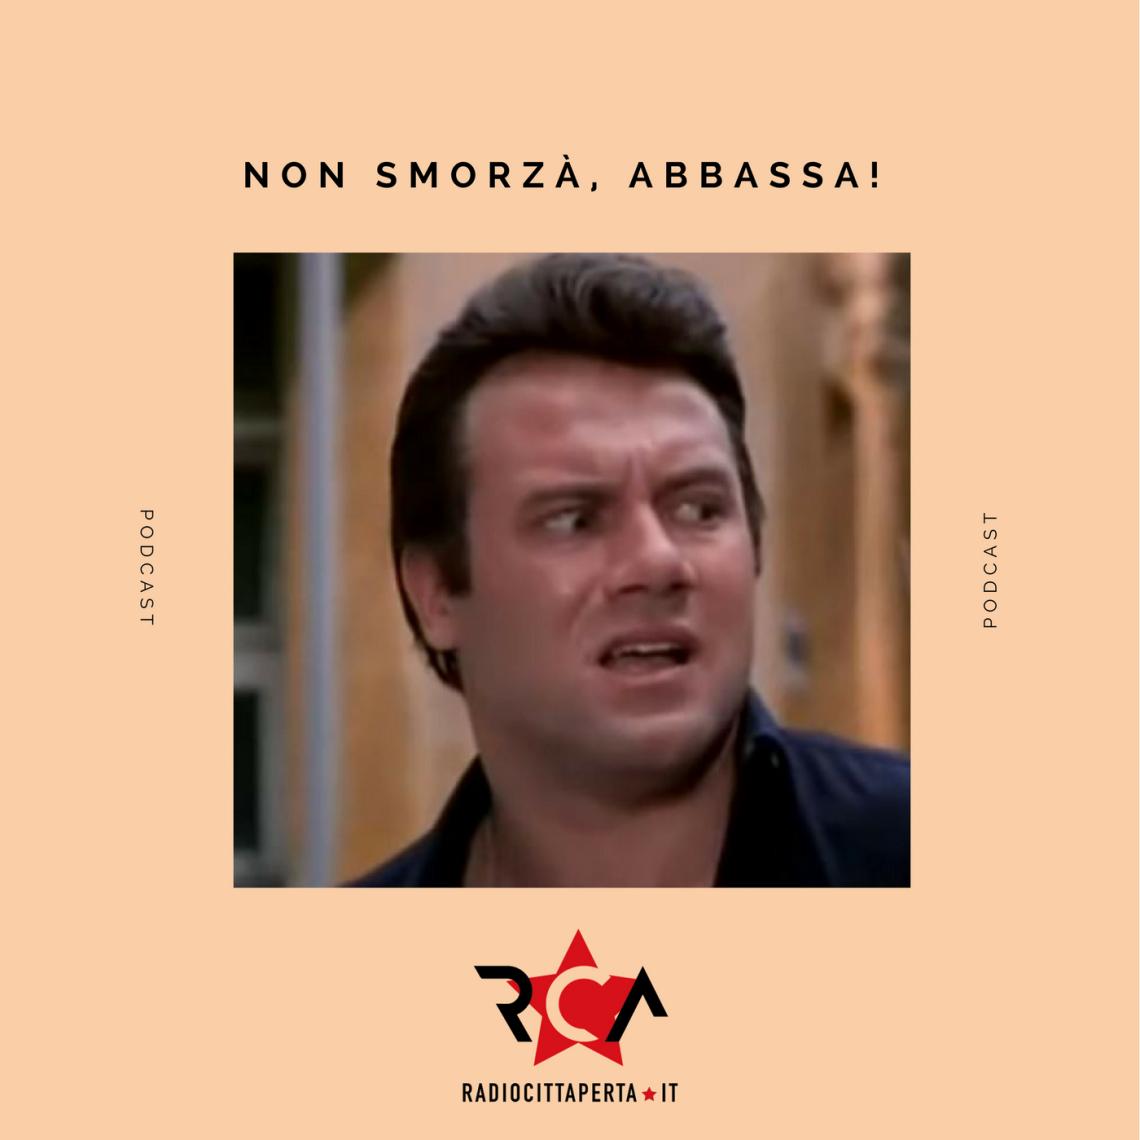 NON SMORZA', ABBASSA con RICCARDO MAMELI del 17-10-2018